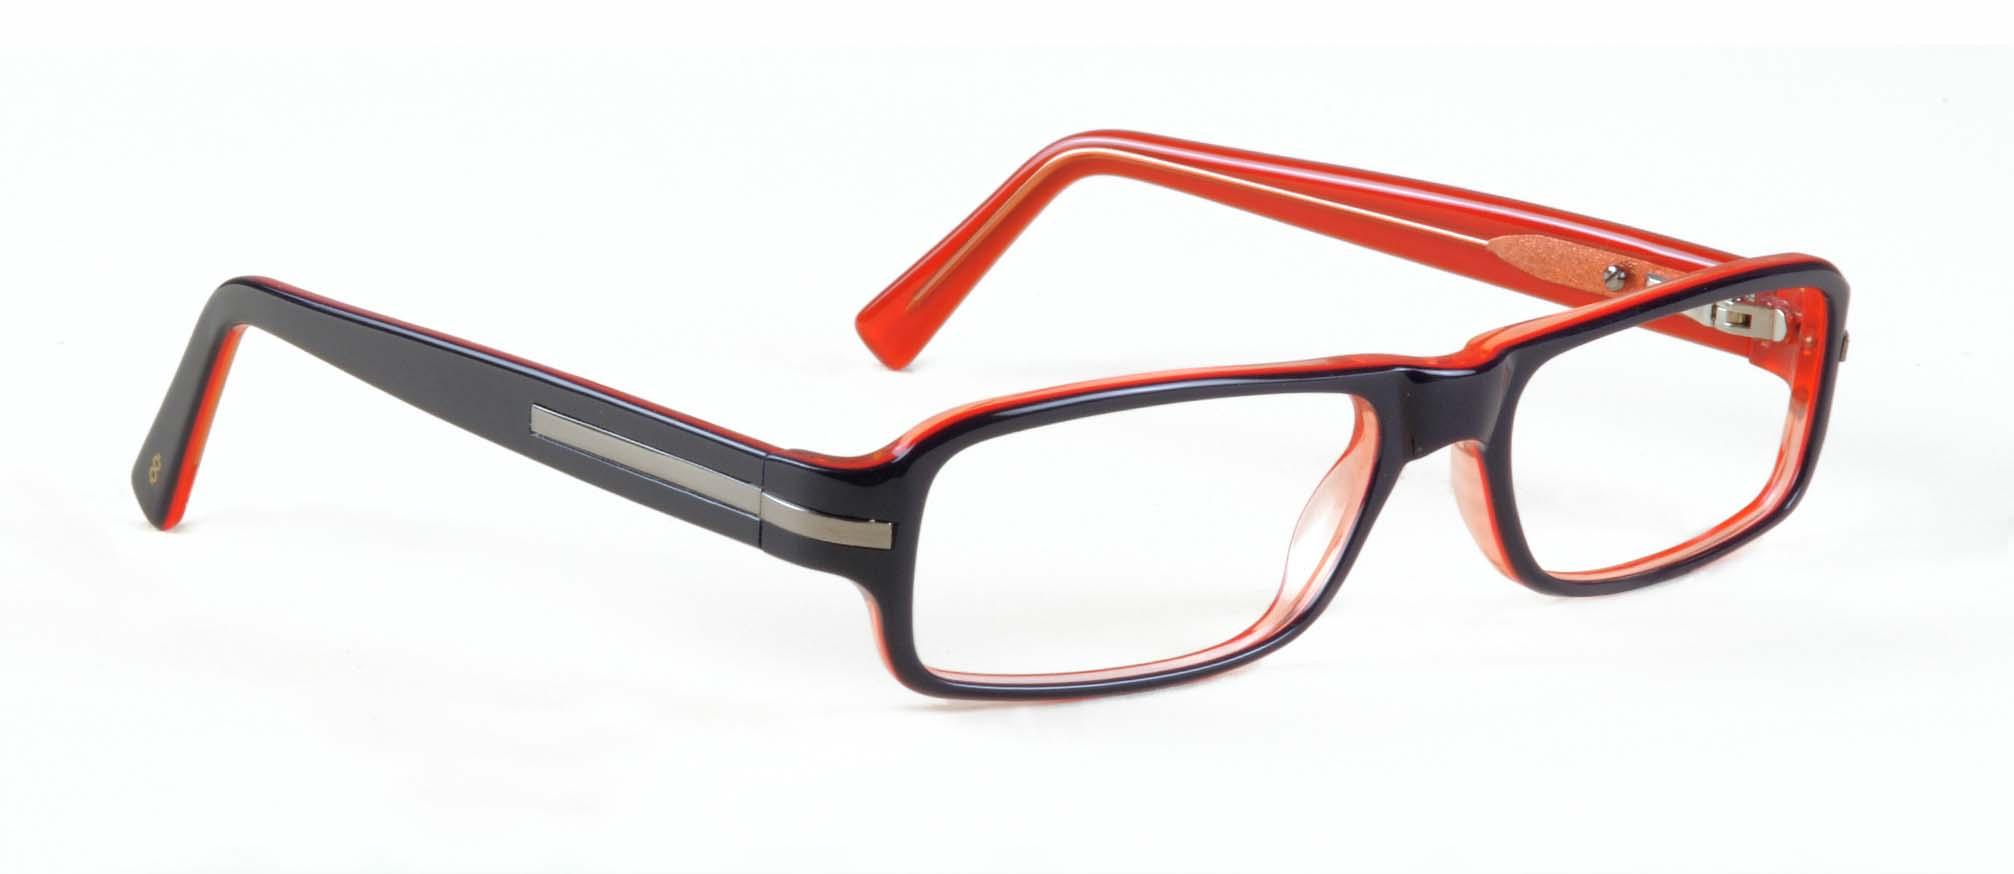 Cost Of Prescription Sunglasses Costco | Louisiana Bucket Brigade